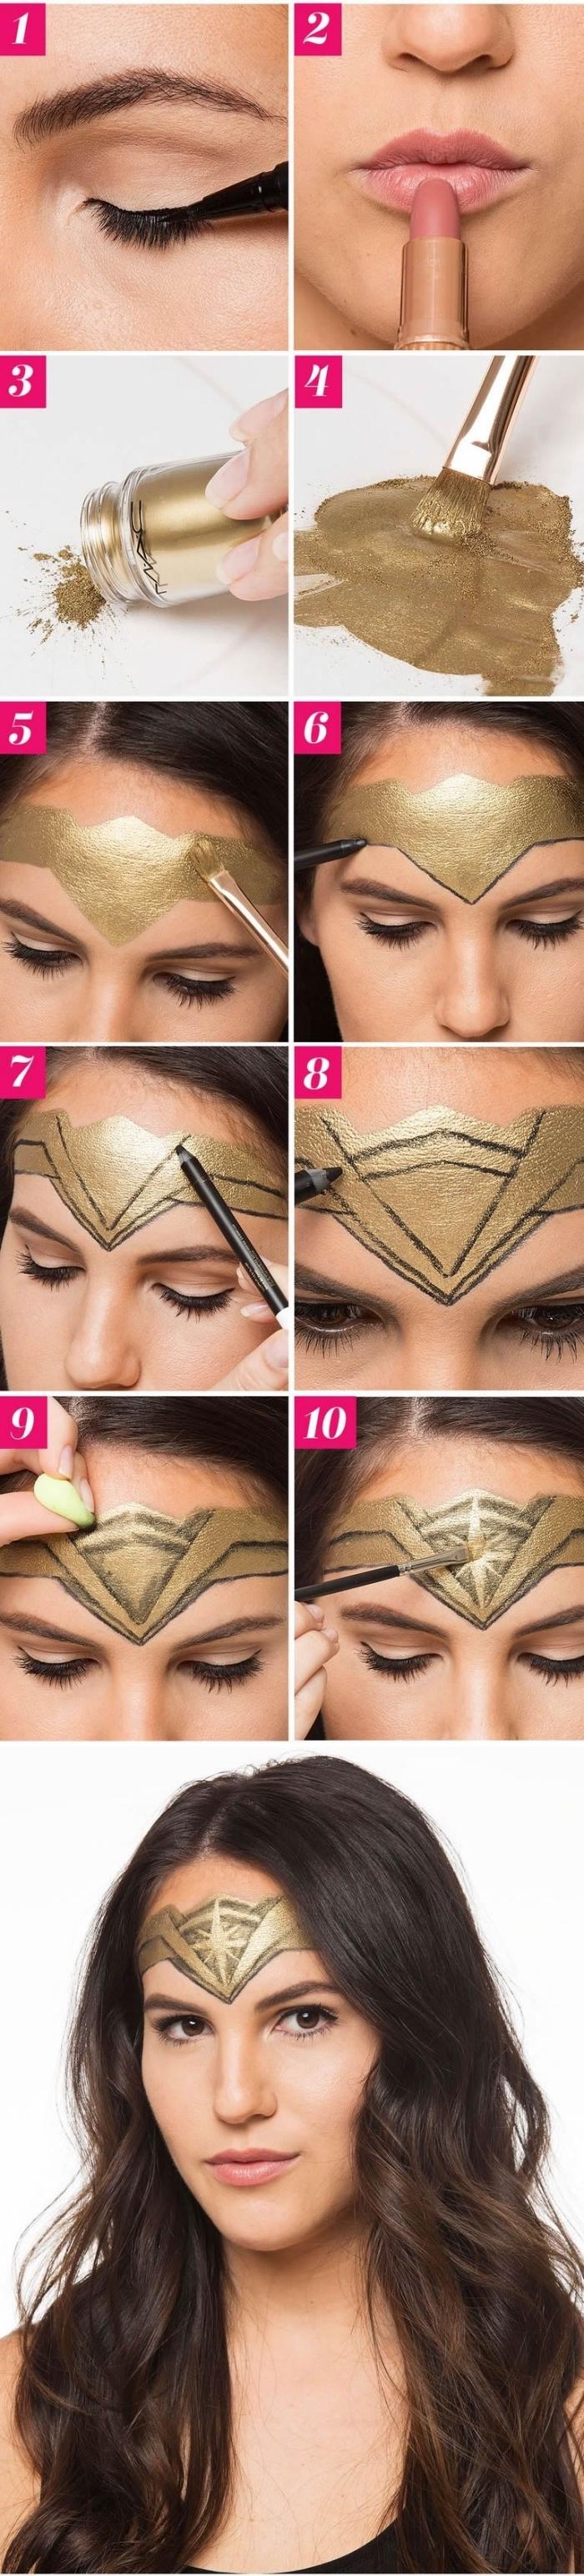 tuto maquillage halloween de dernière minute pour faire le bandeau de wonder woman, maquillage de super-heronïne